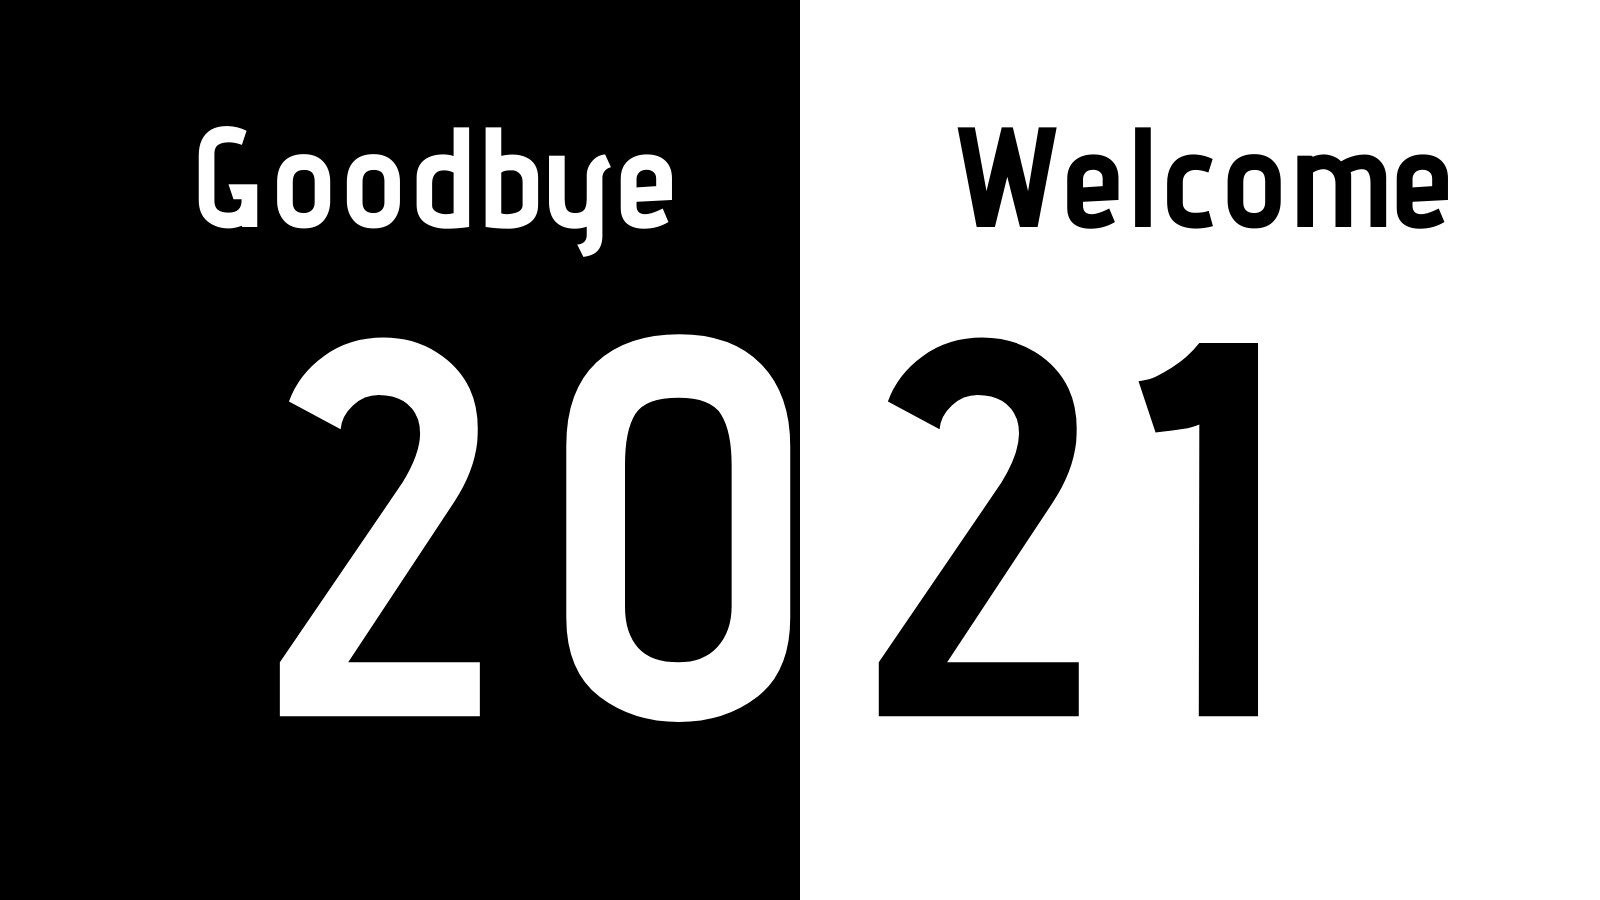 Goodbye 2020! Welcome 2021!